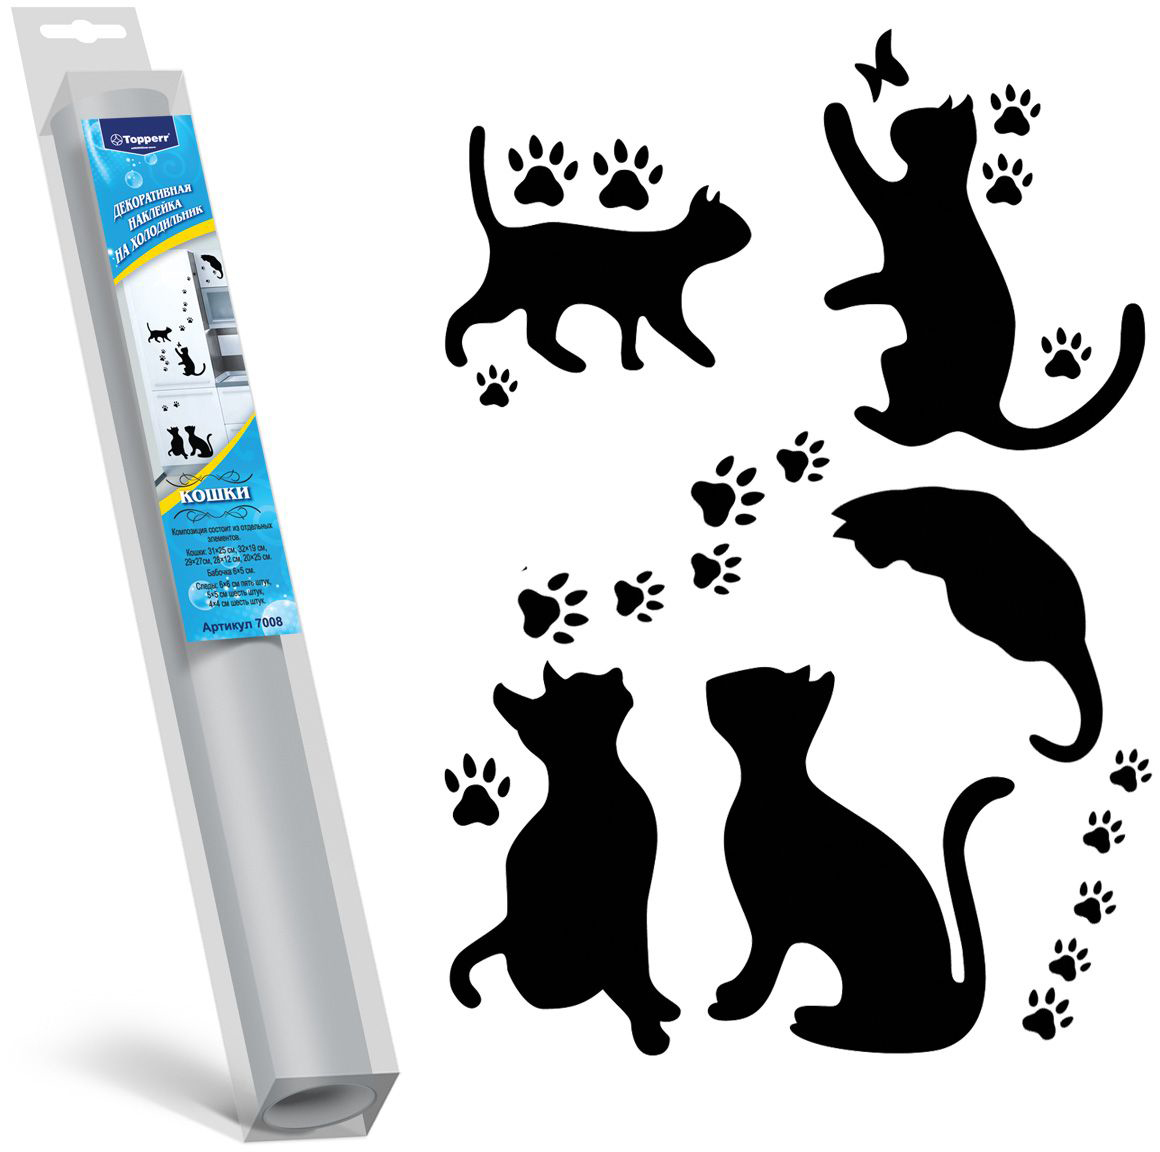 Декоративная наклейка Topperr Кошки для холодильников6.295-875.0Декоративная цветная наклейка на холодильник из винила Кошки. Композиция из пяти кошек и следов. Состоит из отдельных элементов. Кошки: 31,5 х 25,5 см, 32,5 х 19 см, 29 х 27см, 28,5 х 12,5 см, 19,5 х 25,5 см. Бабочка: 6 х 5 см. Следы: 6,5 х 6 см – 5 шт., 5 х 5 см – 6 шт., 4 х 4 см – 6 шт.Способ применения:Достаньте композицию из упаковки. Наклеивать нужно на чистую и сухую поверхность. Аккуратно отделите рисунок от бумаги. Смочите оборотную сторону мыльным раствором. Начинать приклеивать композицию лучше сверху. Приклеивайте рисунок на поверхность, тщательно разглаживания композицию по направлению от середины к краям.В упаковке: 1 шт.